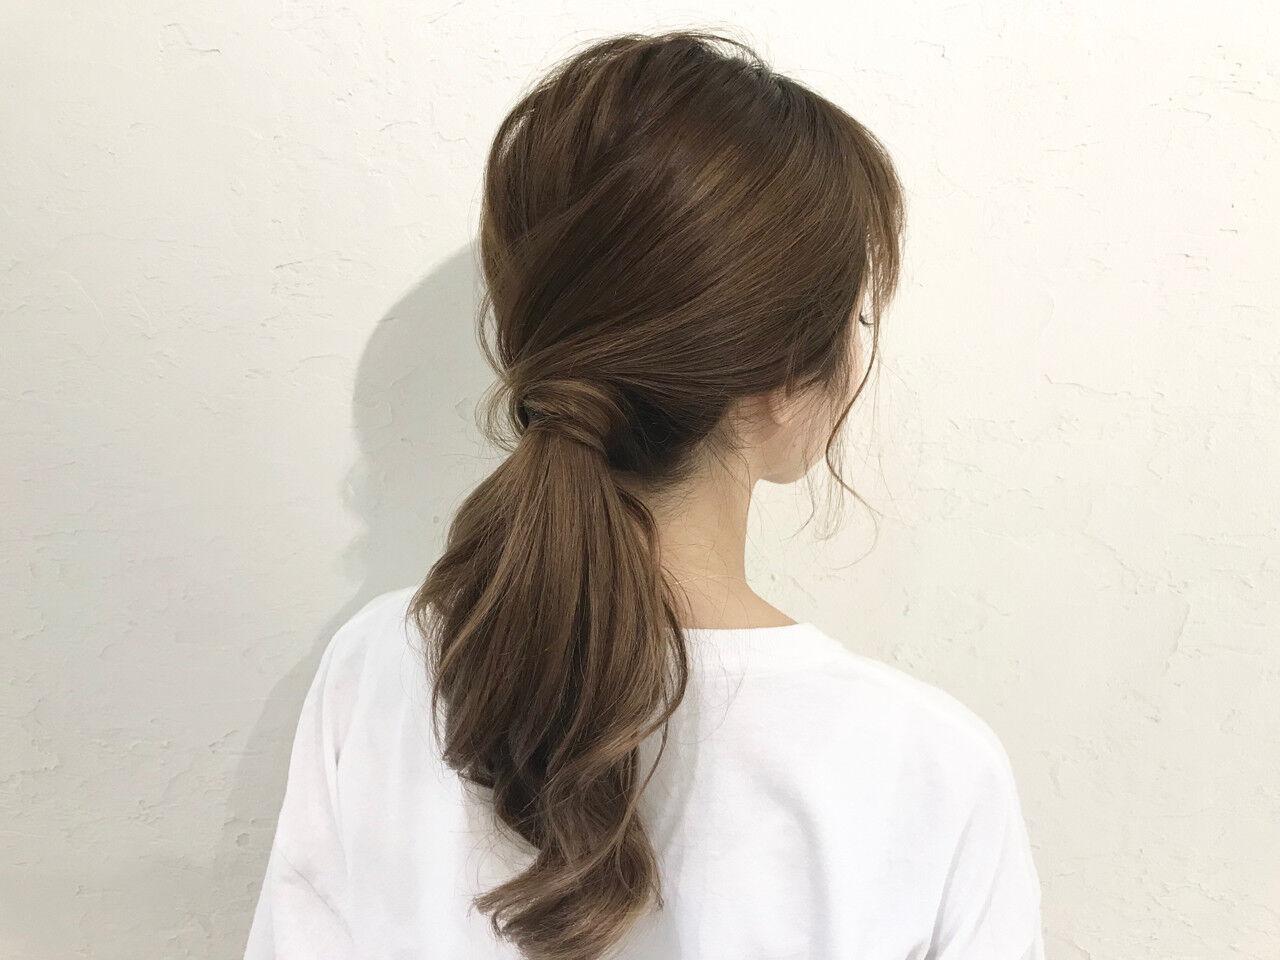 簡単ヘアアレンジ ガーリー オフィス デートヘアスタイルや髪型の写真・画像